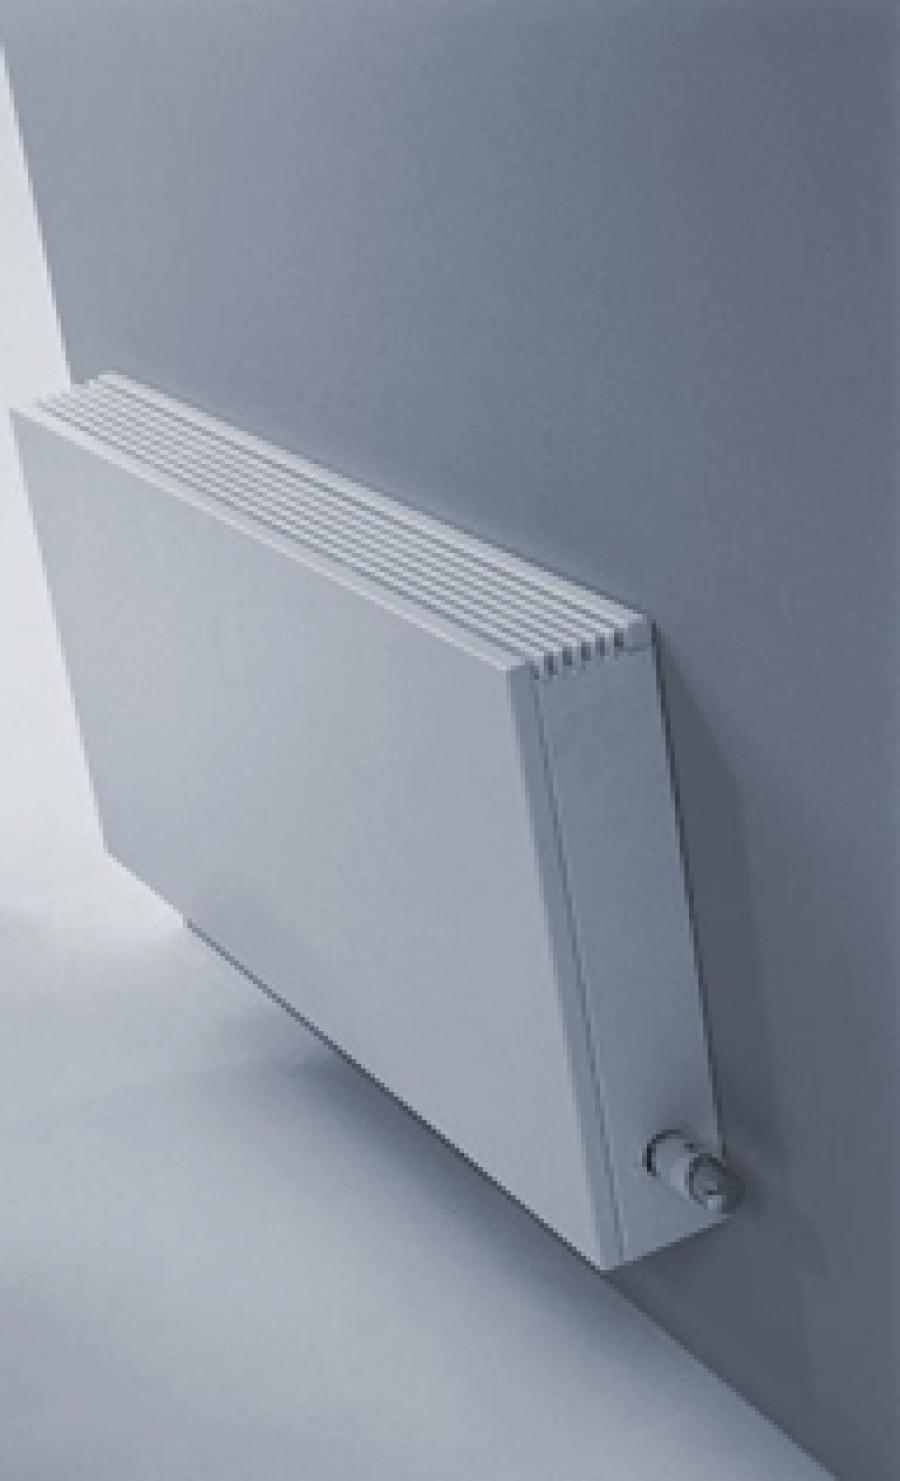 capelleveen-radiator-jaga-strada